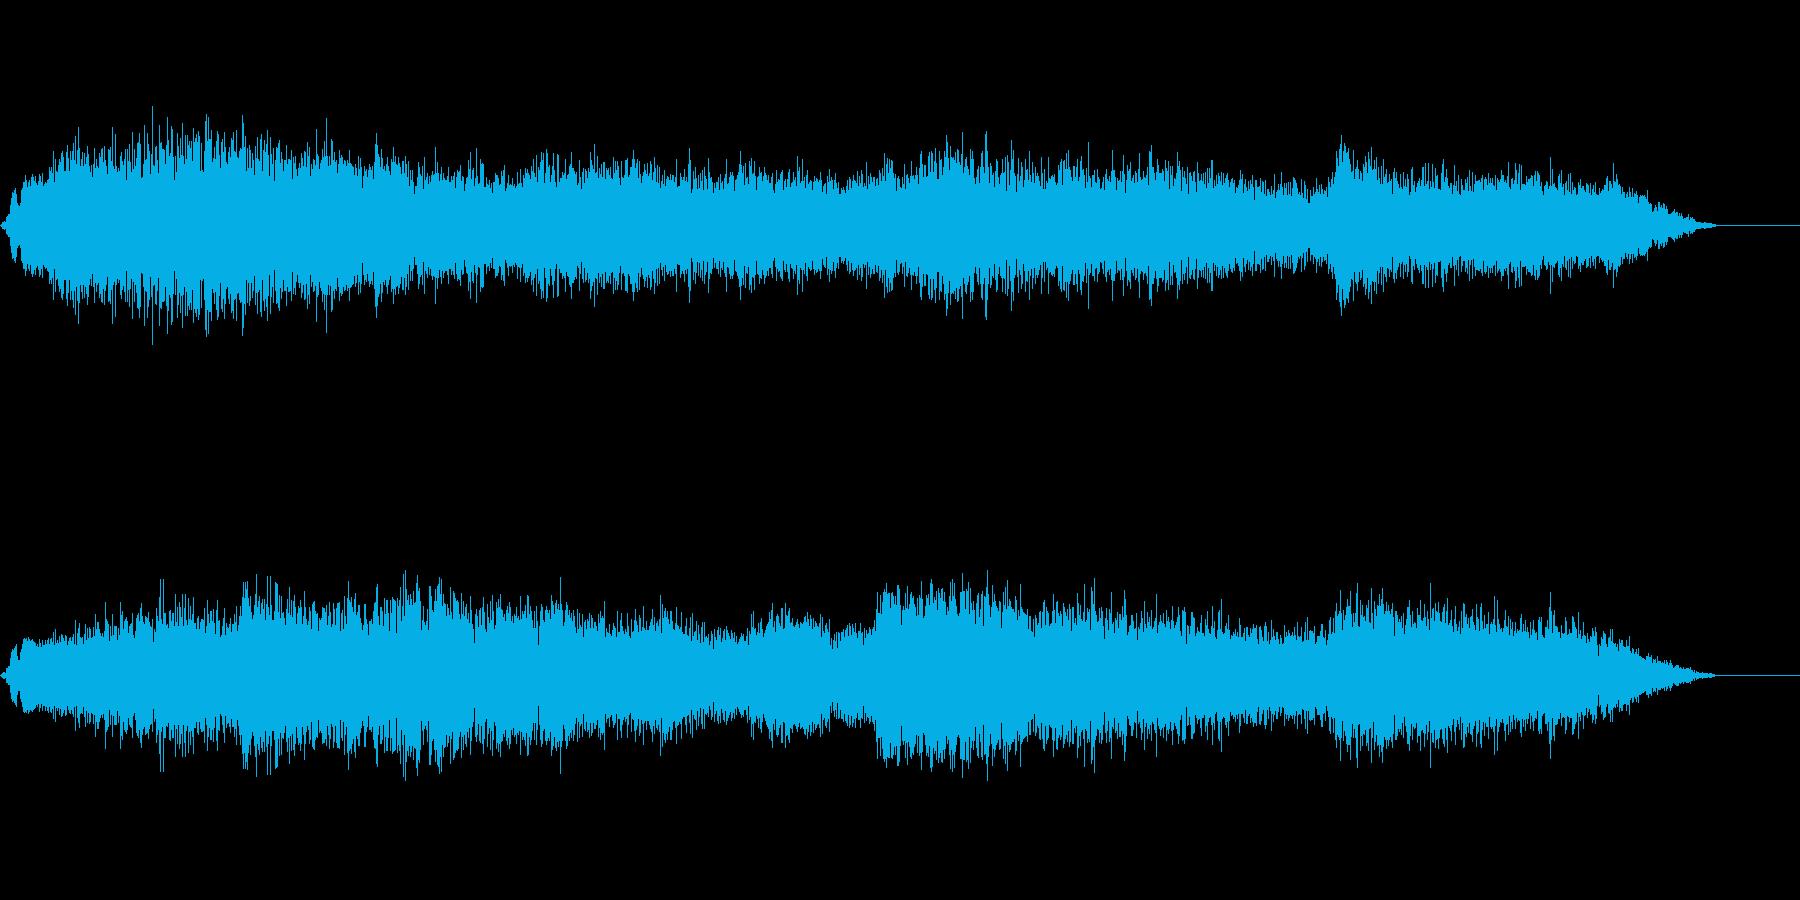 兵士の進撃の閧の声の再生済みの波形